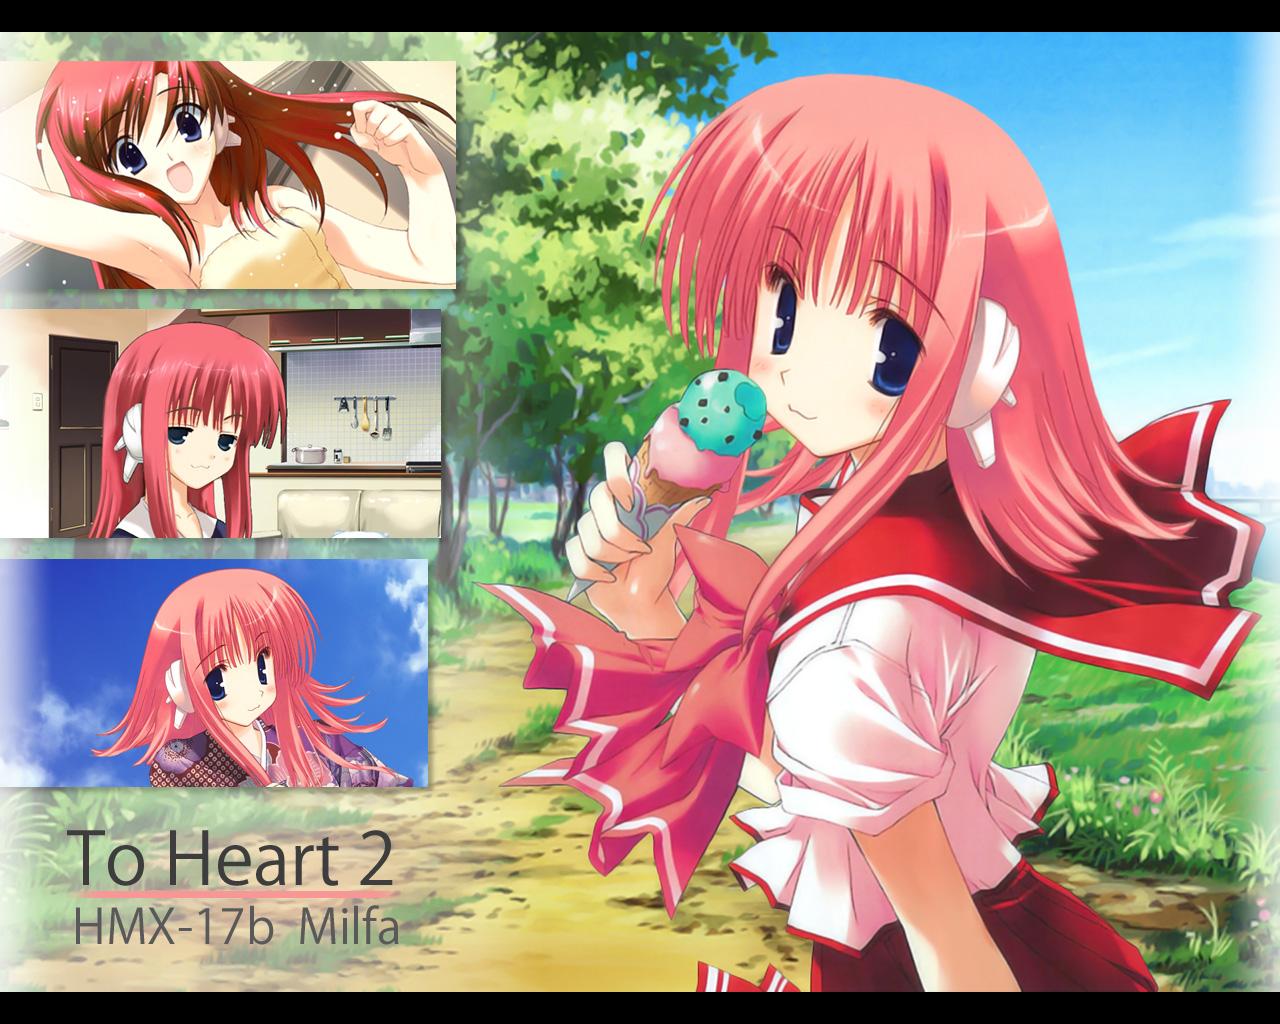 aquaplus cat_smile kouno_harumi leaf nakamura_takeshi photoshop seifuku to_heart to_heart_2